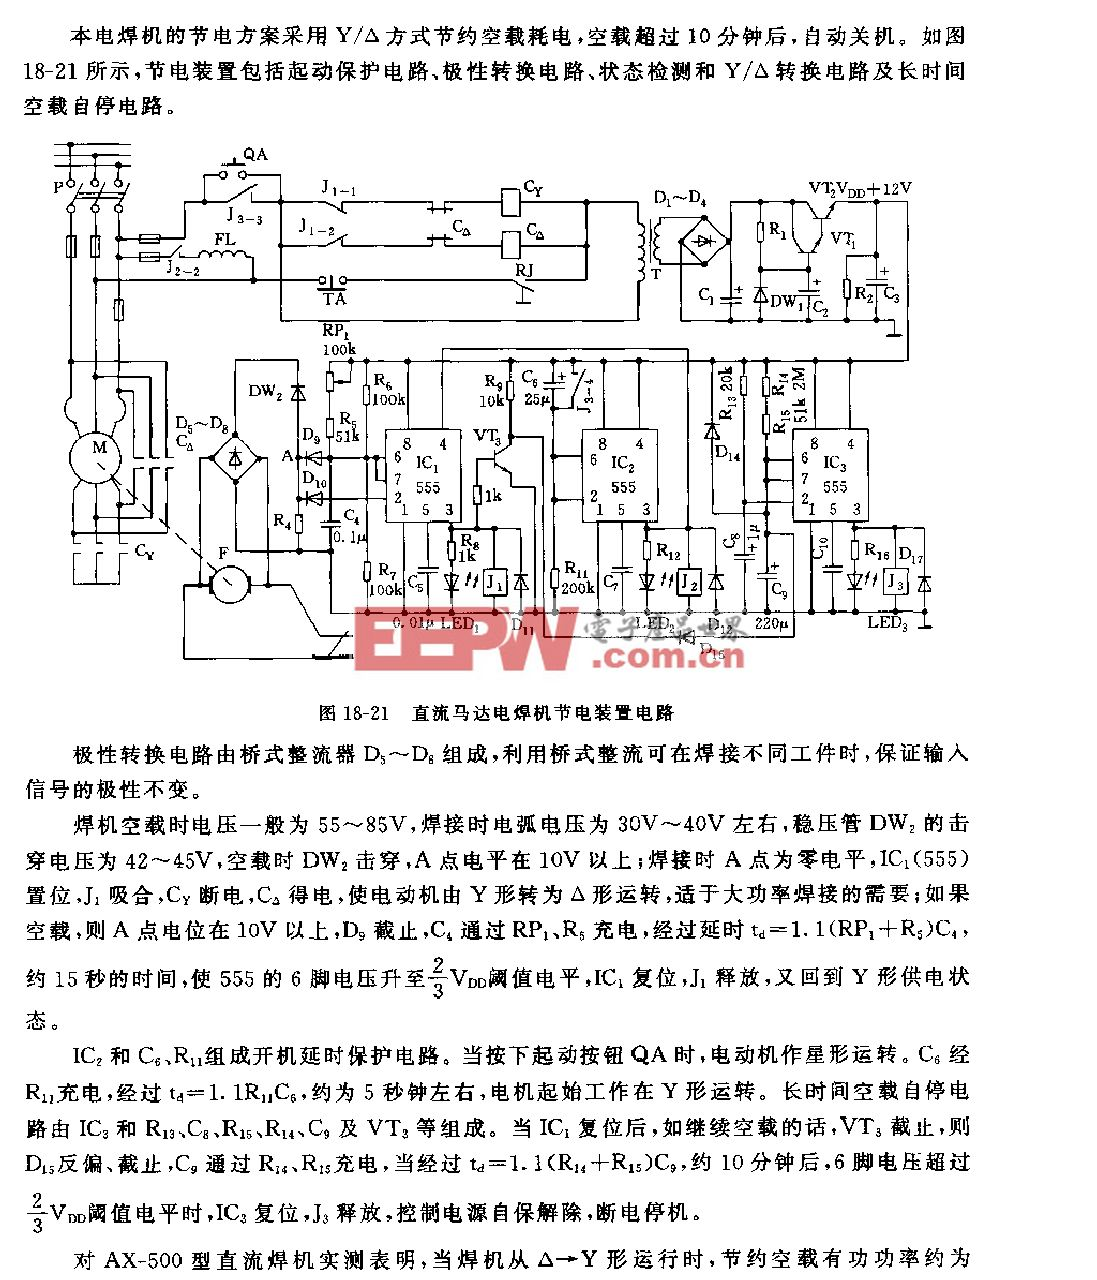 555直流馬達電焊機節電裝置電路